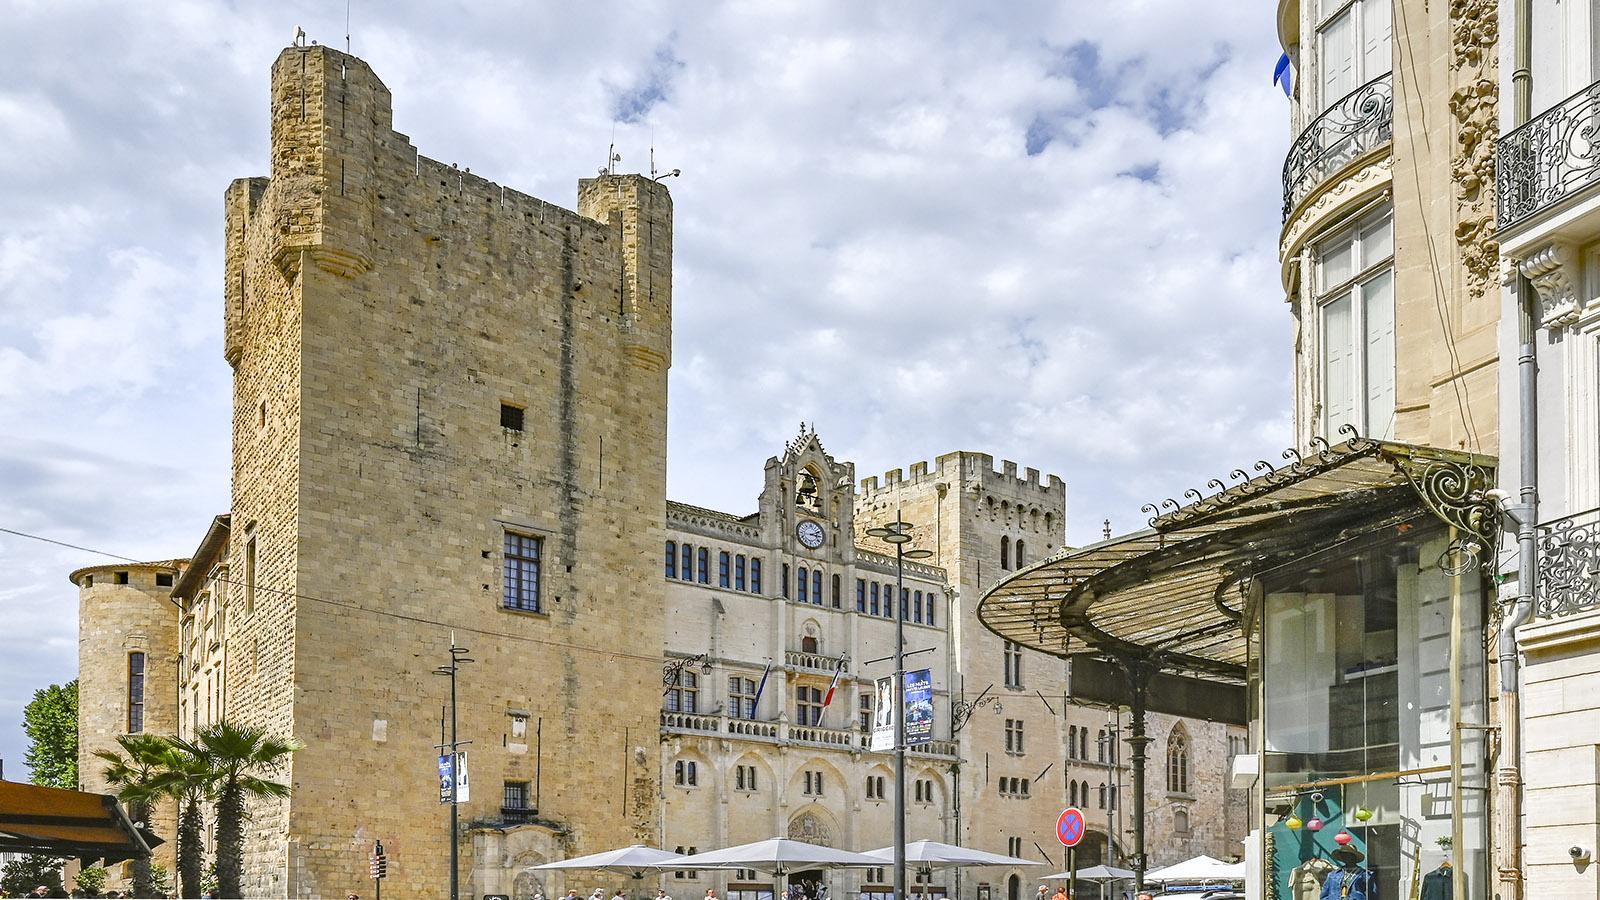 Der Rathausplatz von Narbonne. Foto: Hilke Maunder